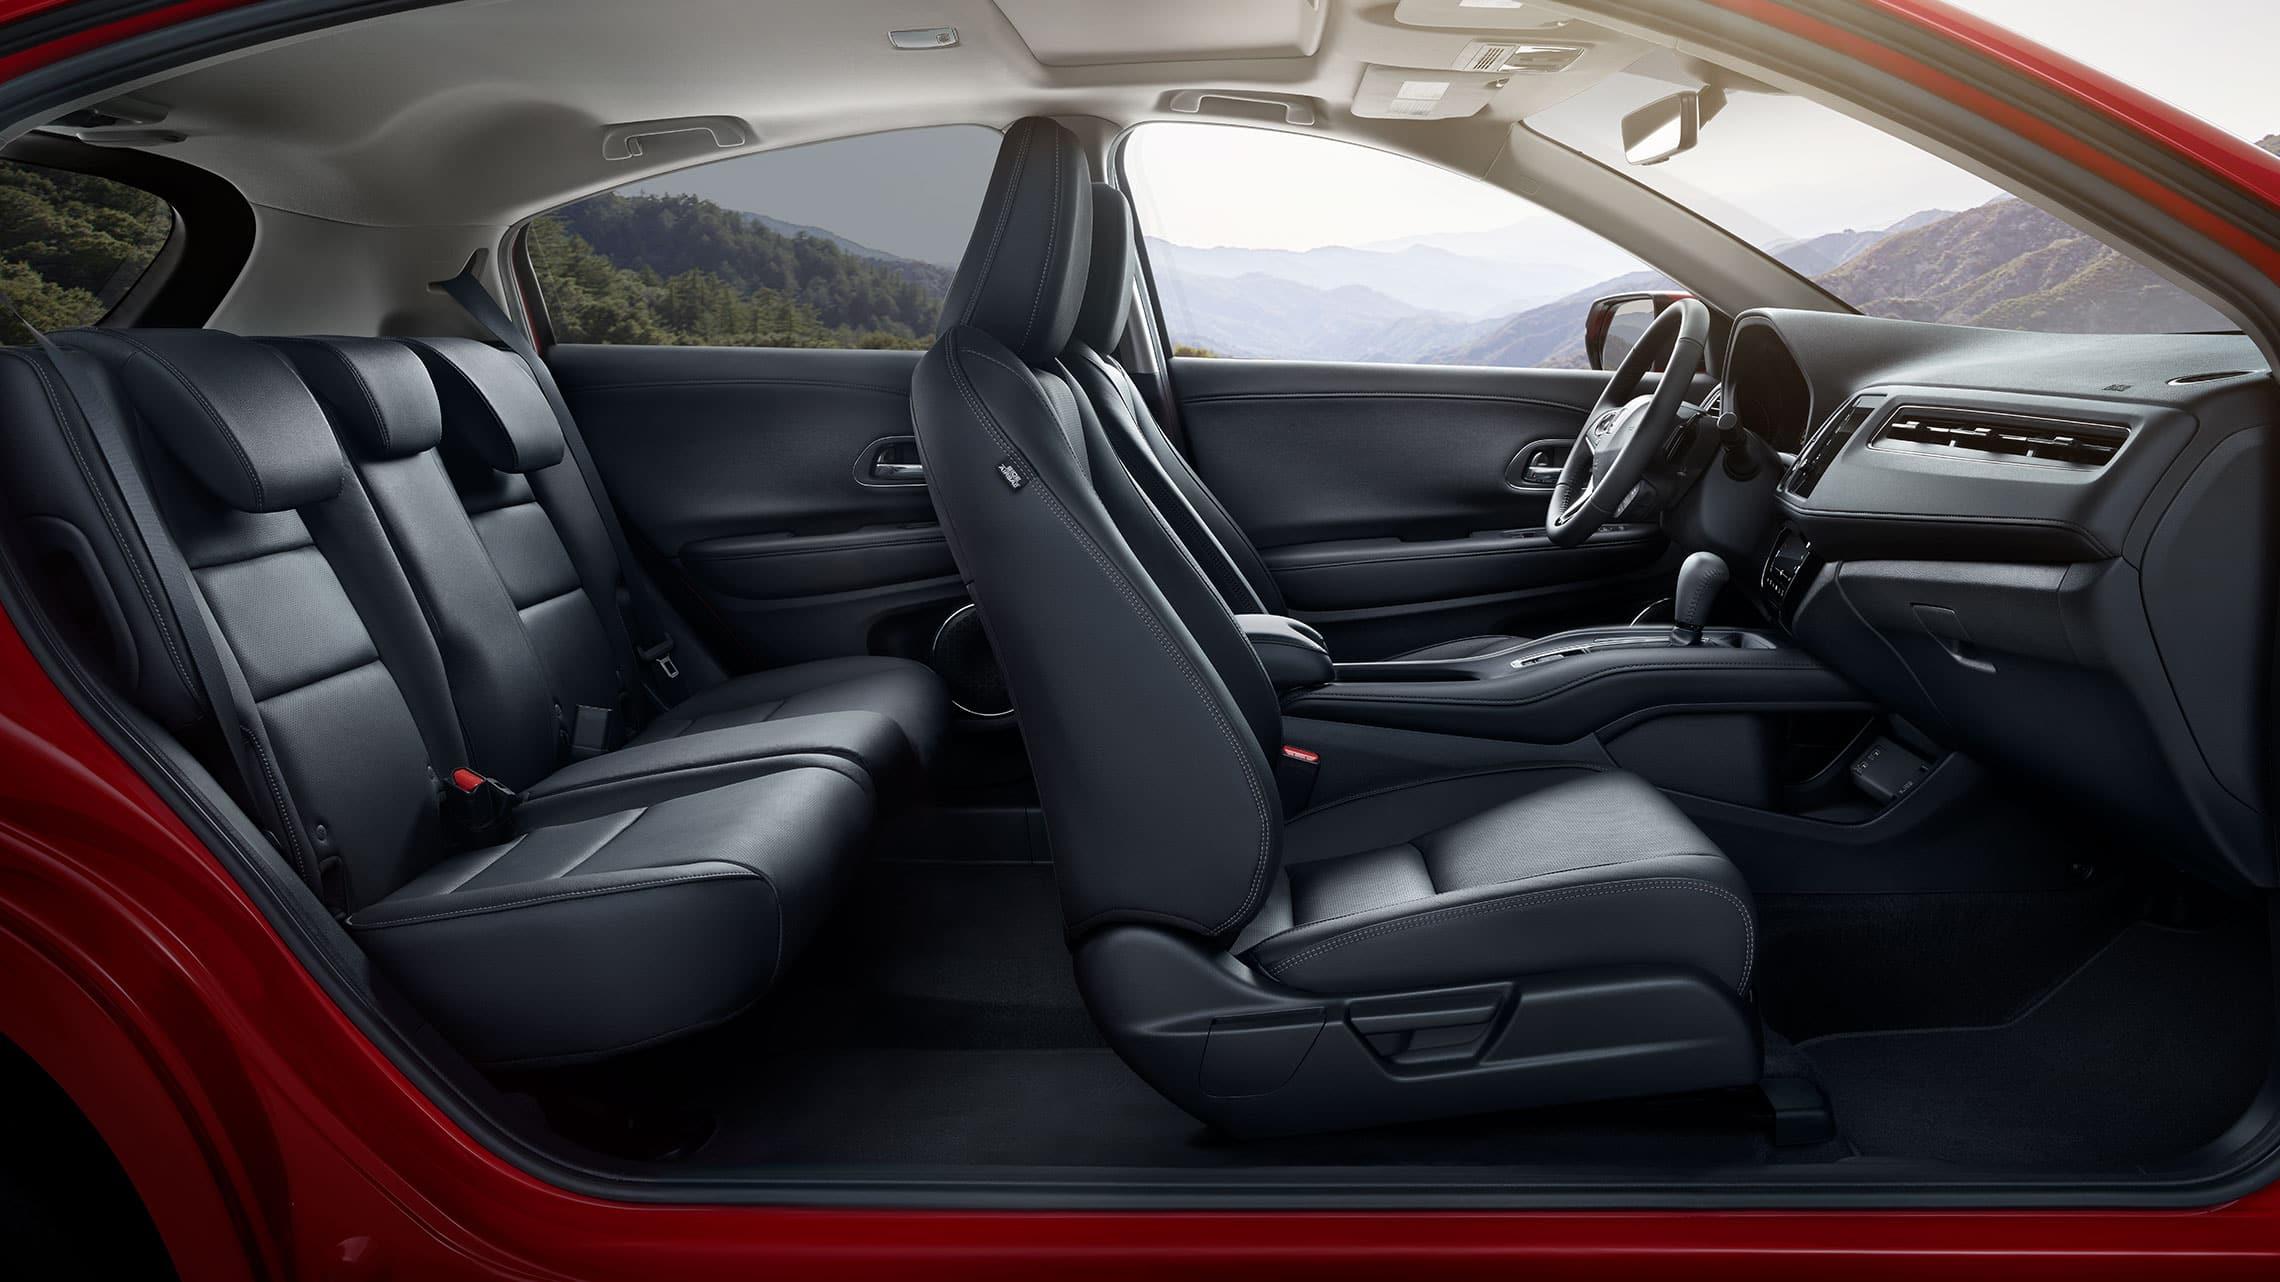 Vista interior de los asientos delanteros de la Honda HR-V Touring2020 en Black Leather.